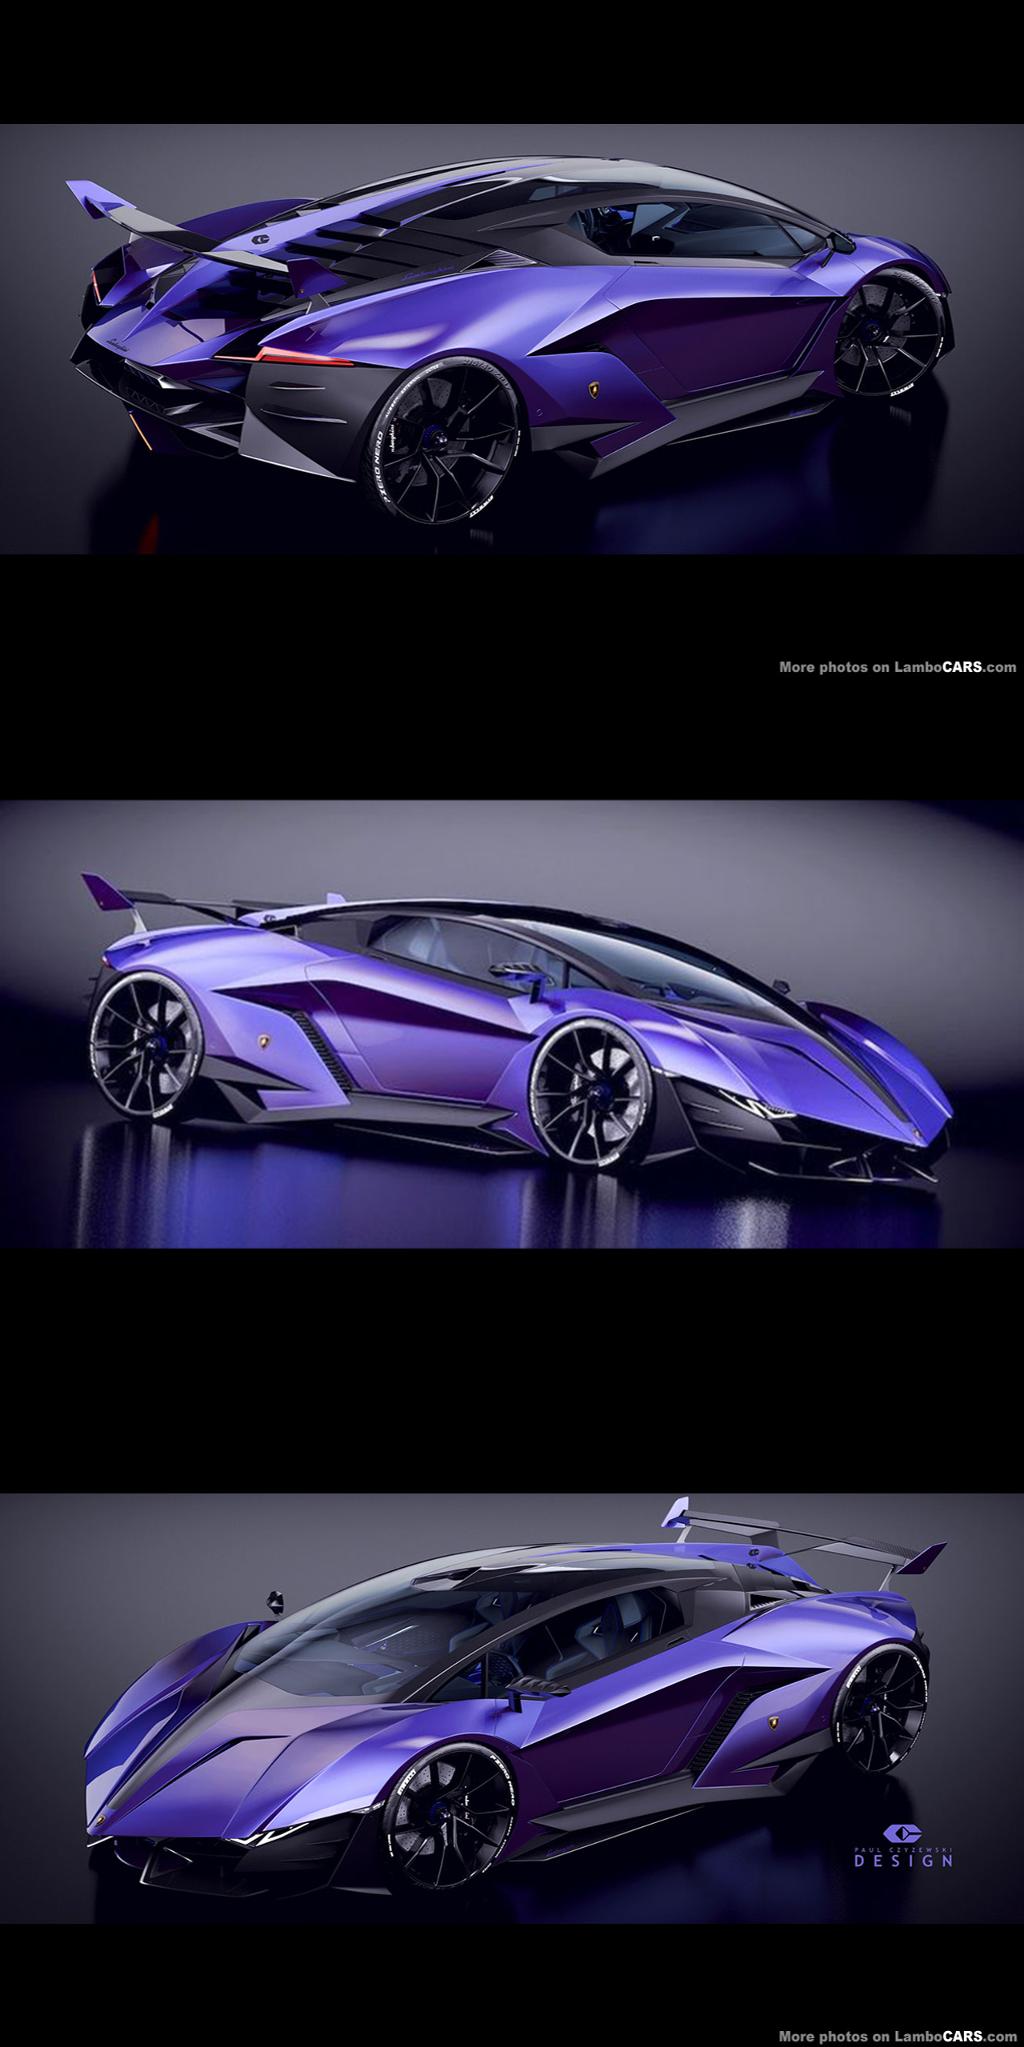 2017 Lamborghini Resonare Concept Car #conceptcars 2017 Lamborghini Resonare Concept Car